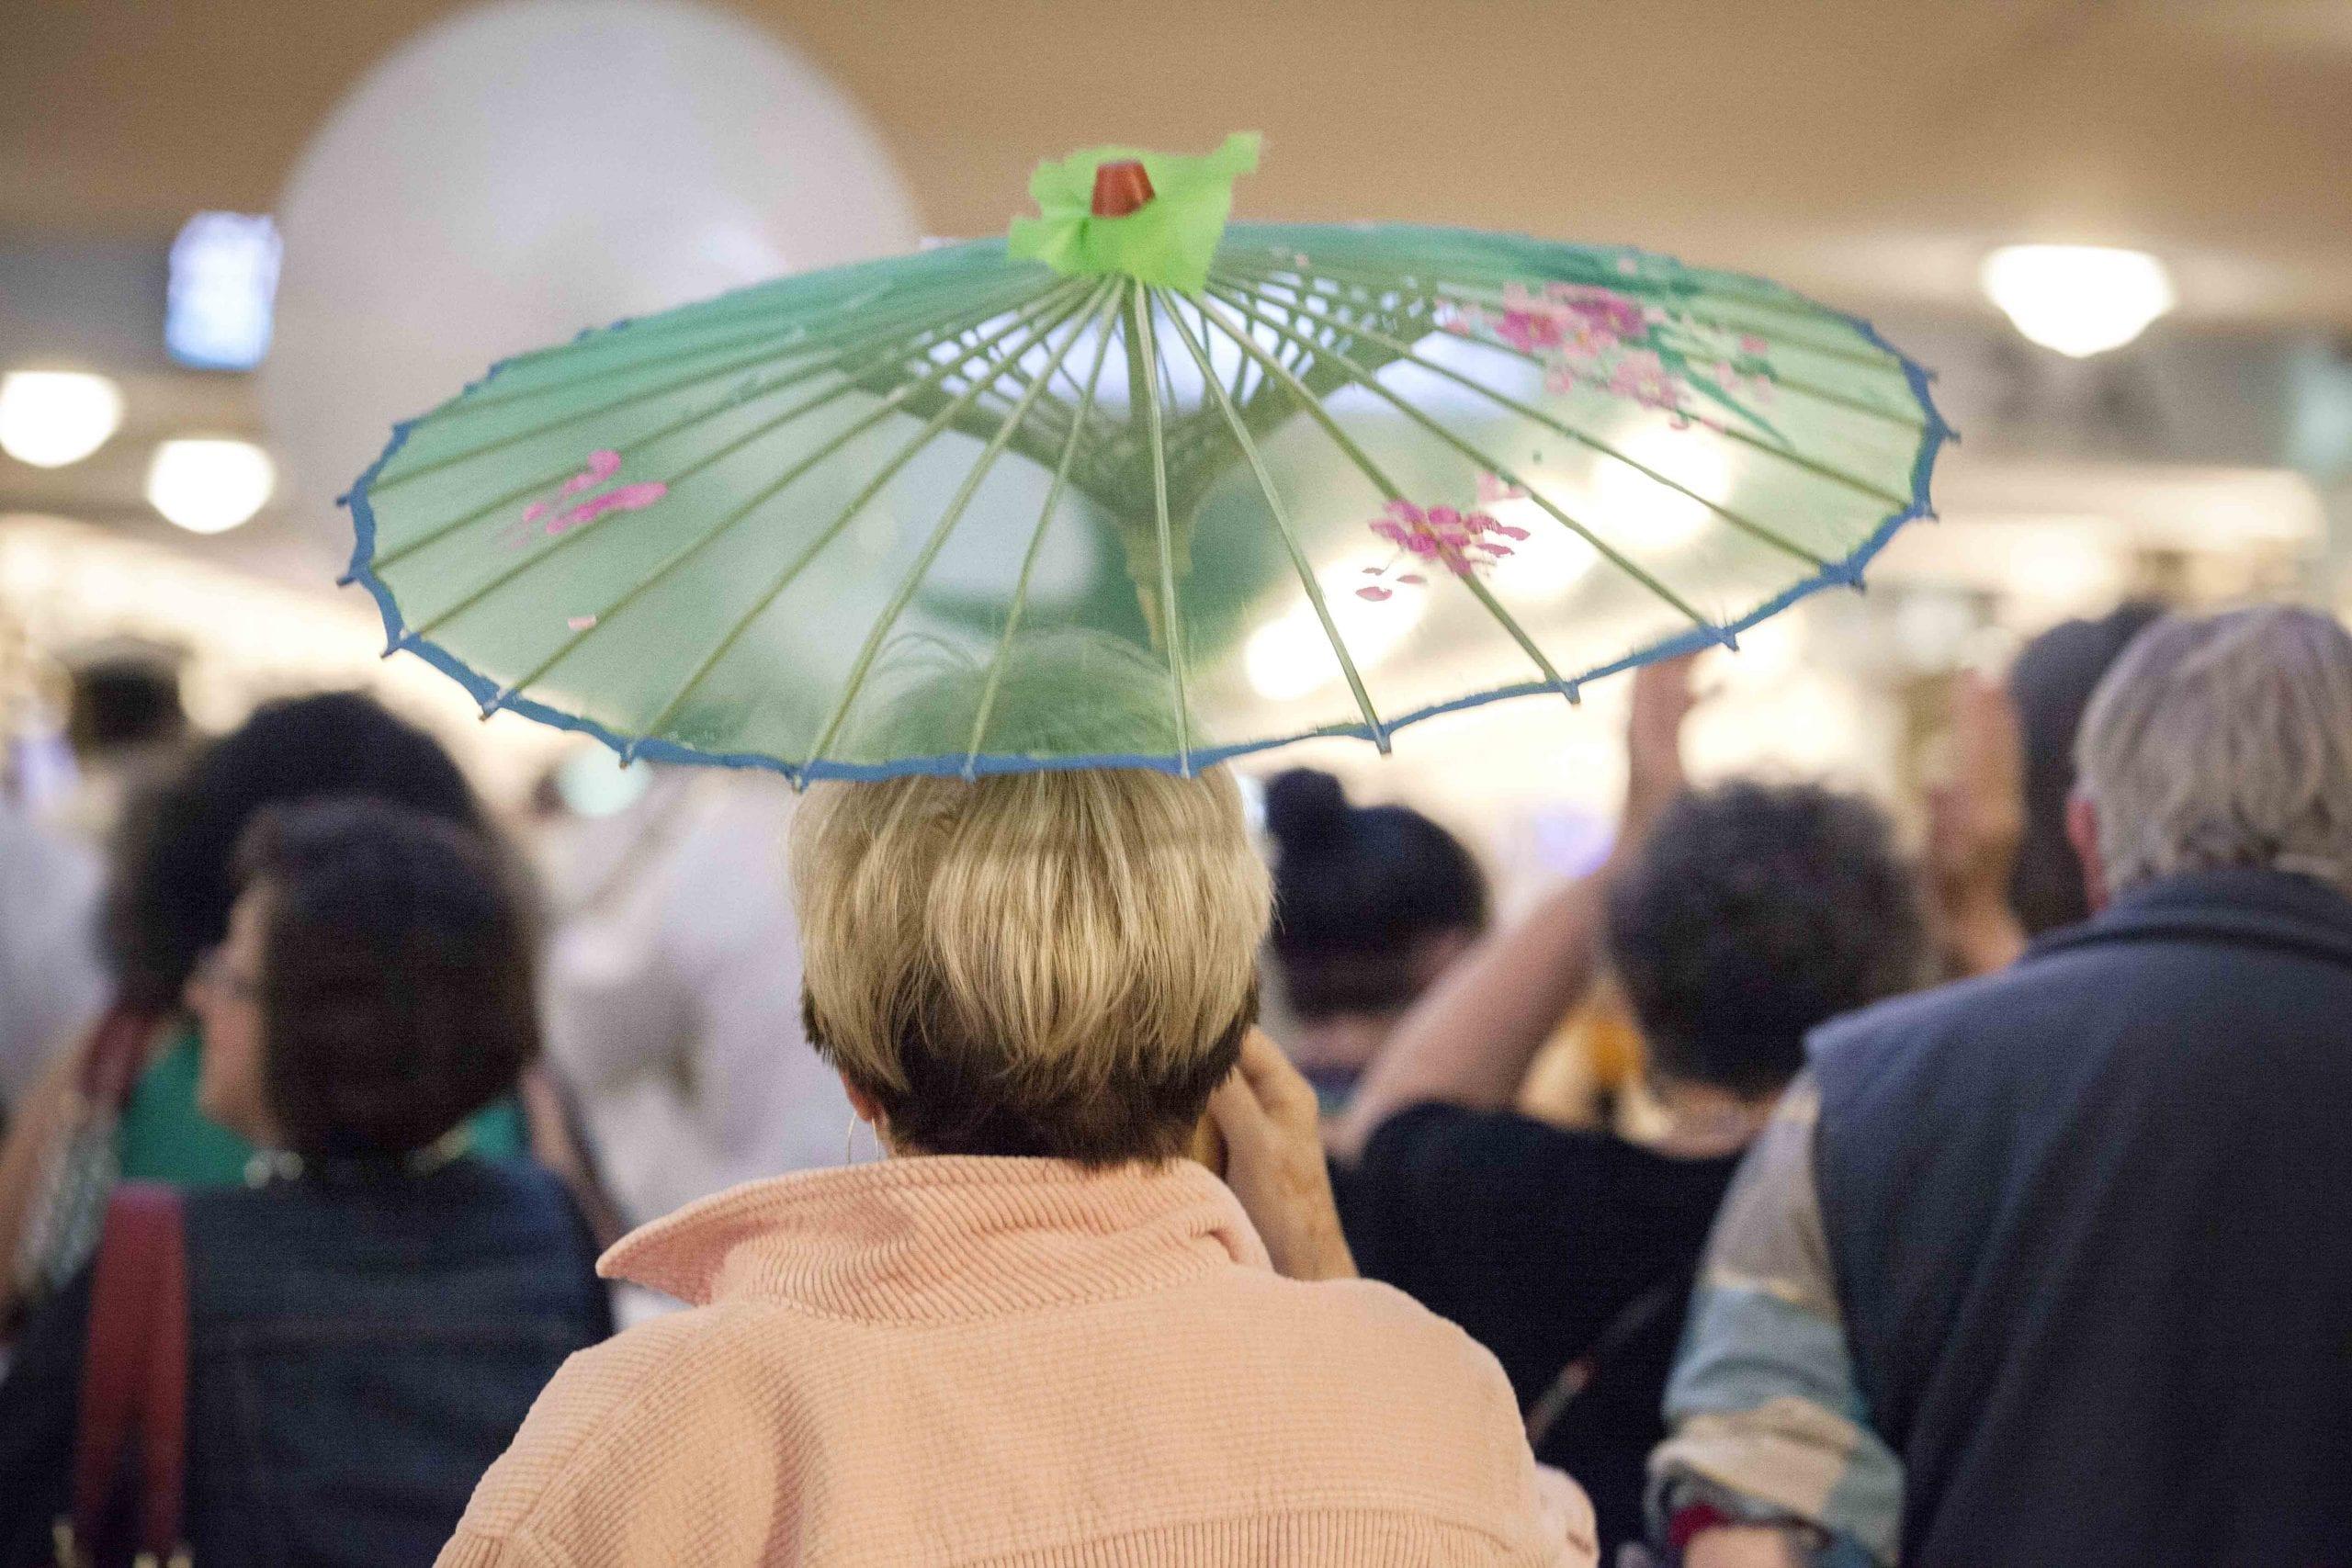 CW_160209_9421_parasol